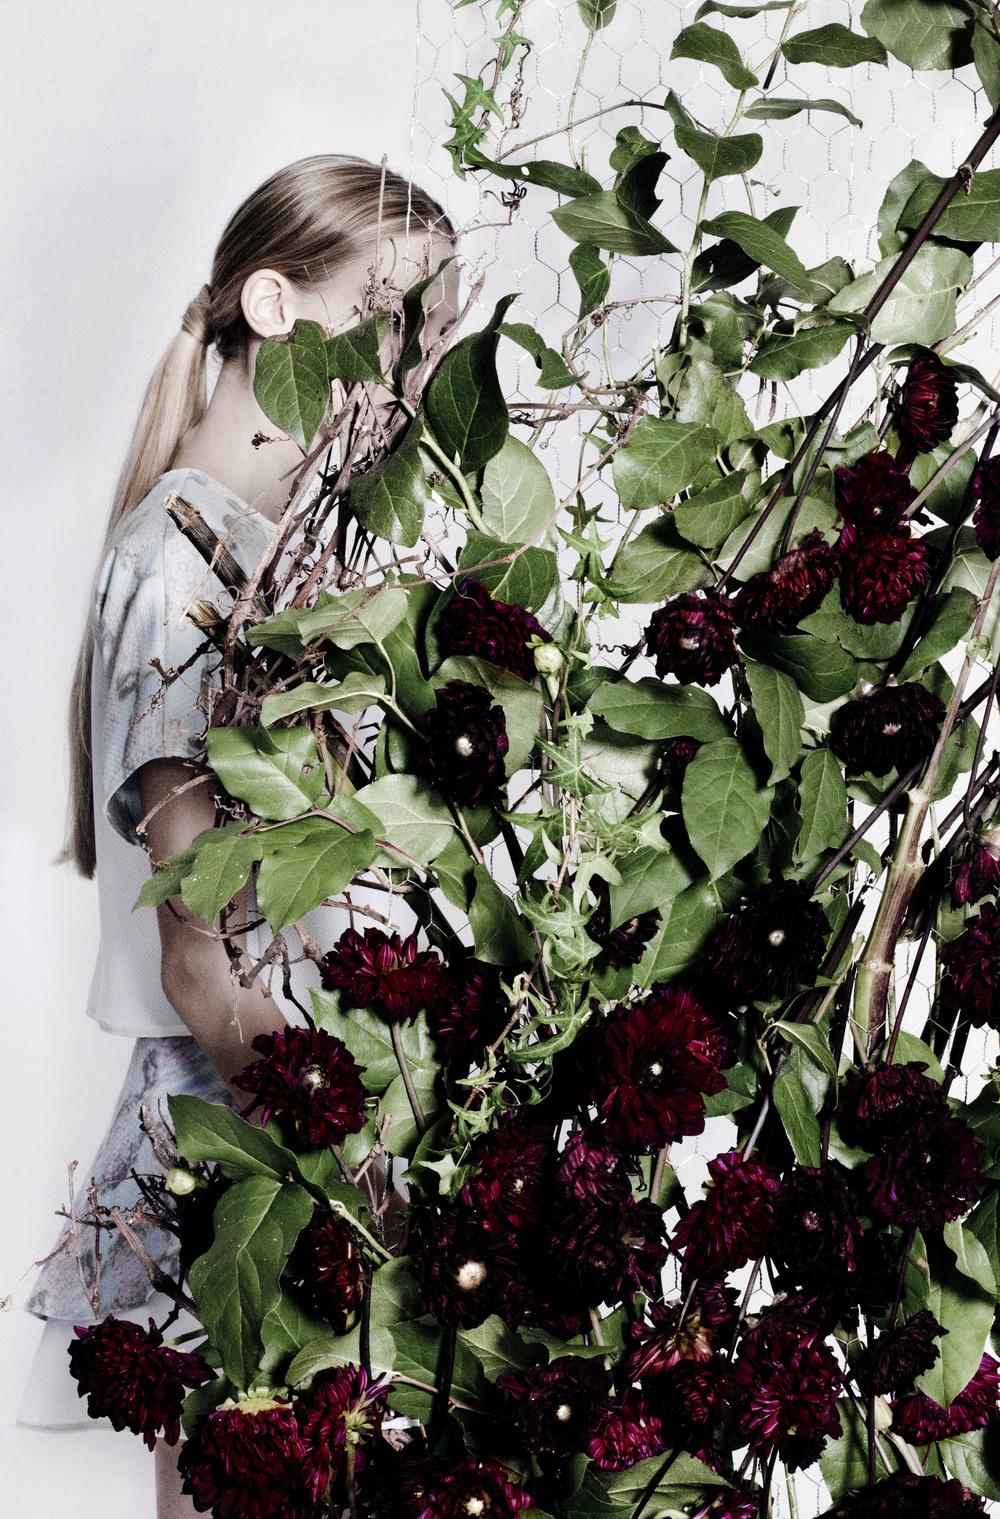 Photographer: Stefani Pappas       Model: Lauren@fusion        Production: Gabrielle Seo        Stylist: Desmond Zheng           Hair & Make up: Miguel Bautista     Floral Design: Marcela Bonacio       Set Design: Luc Trentesaux